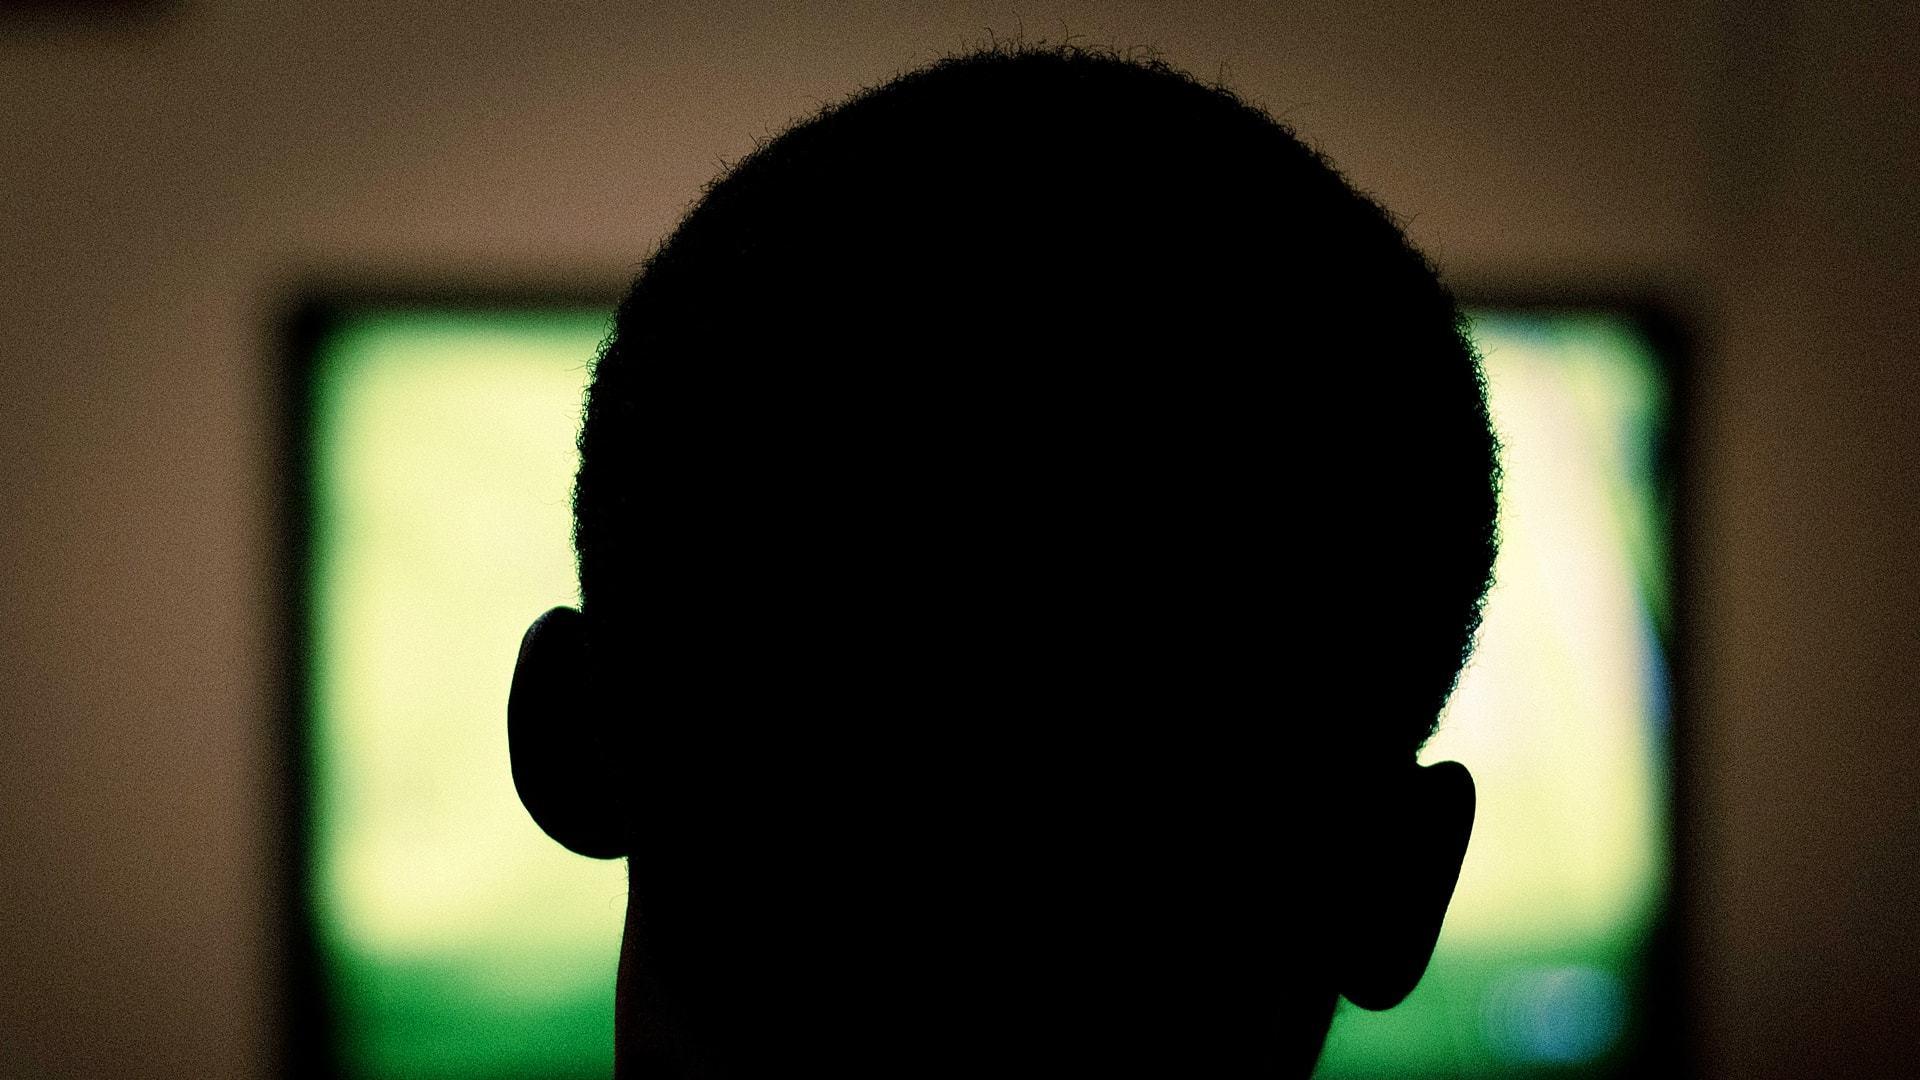 Cuidado, sua smart TV está te observando